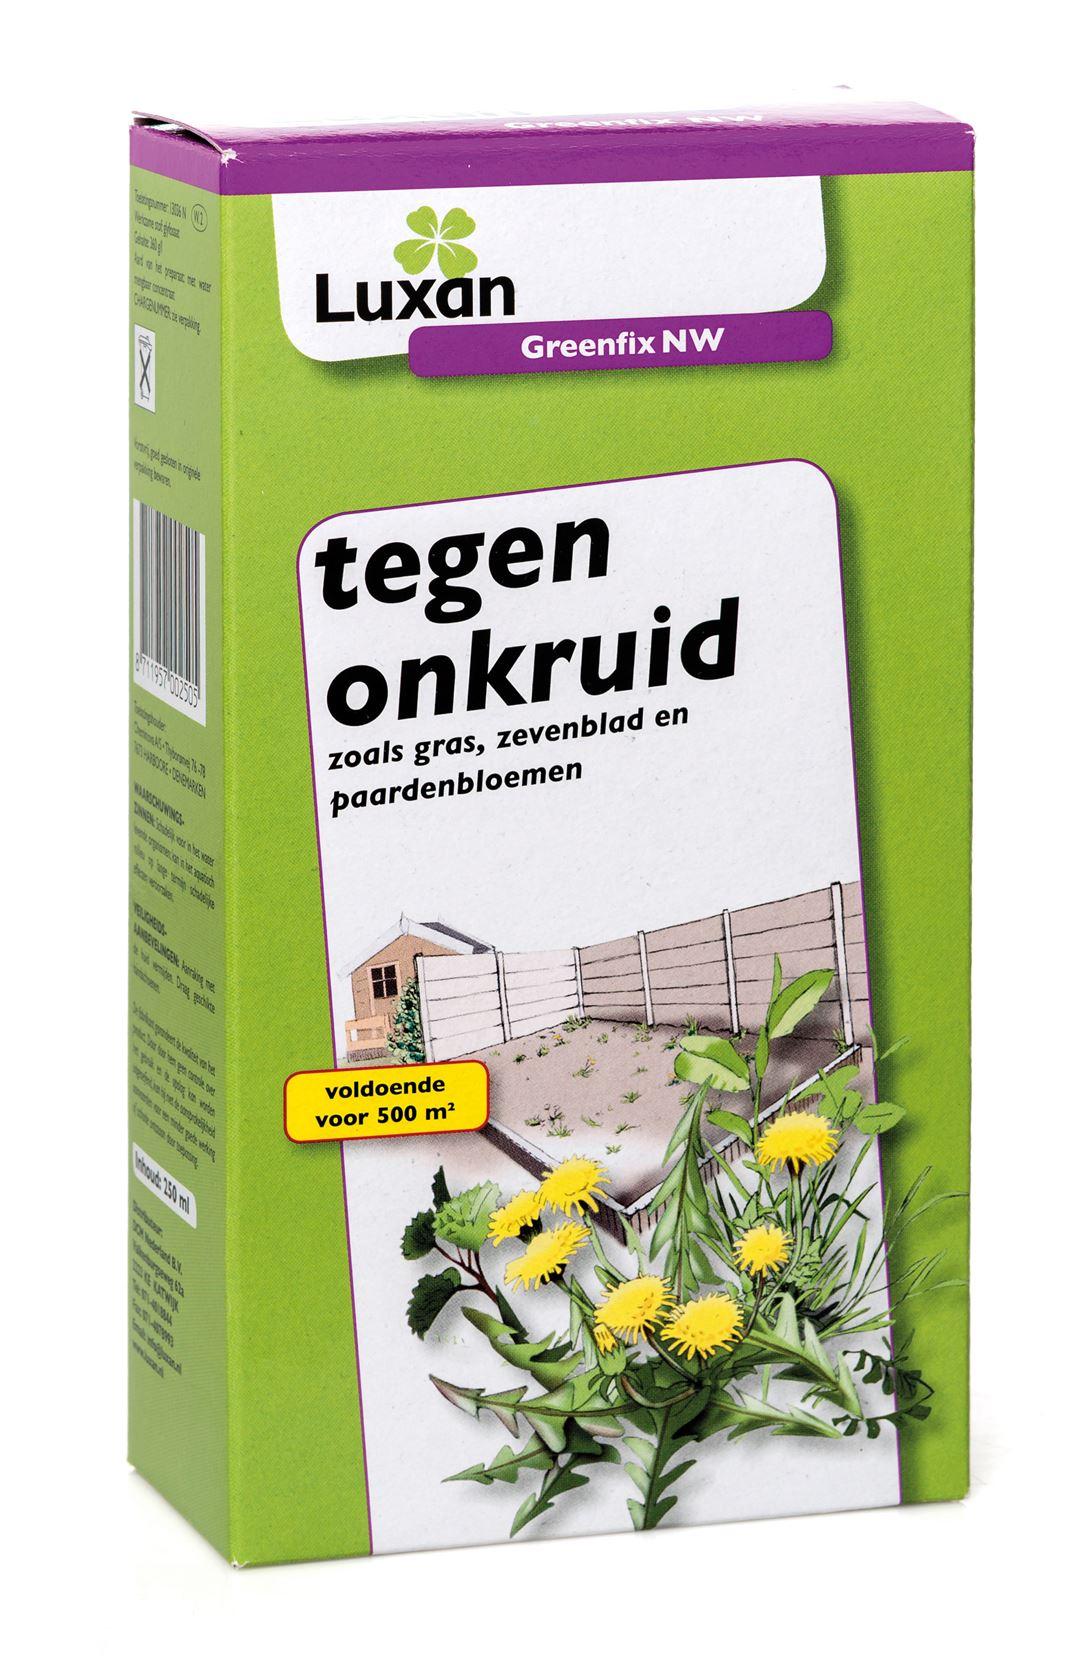 Luxan greenfix nw - 250 ml - tegen onkruiden